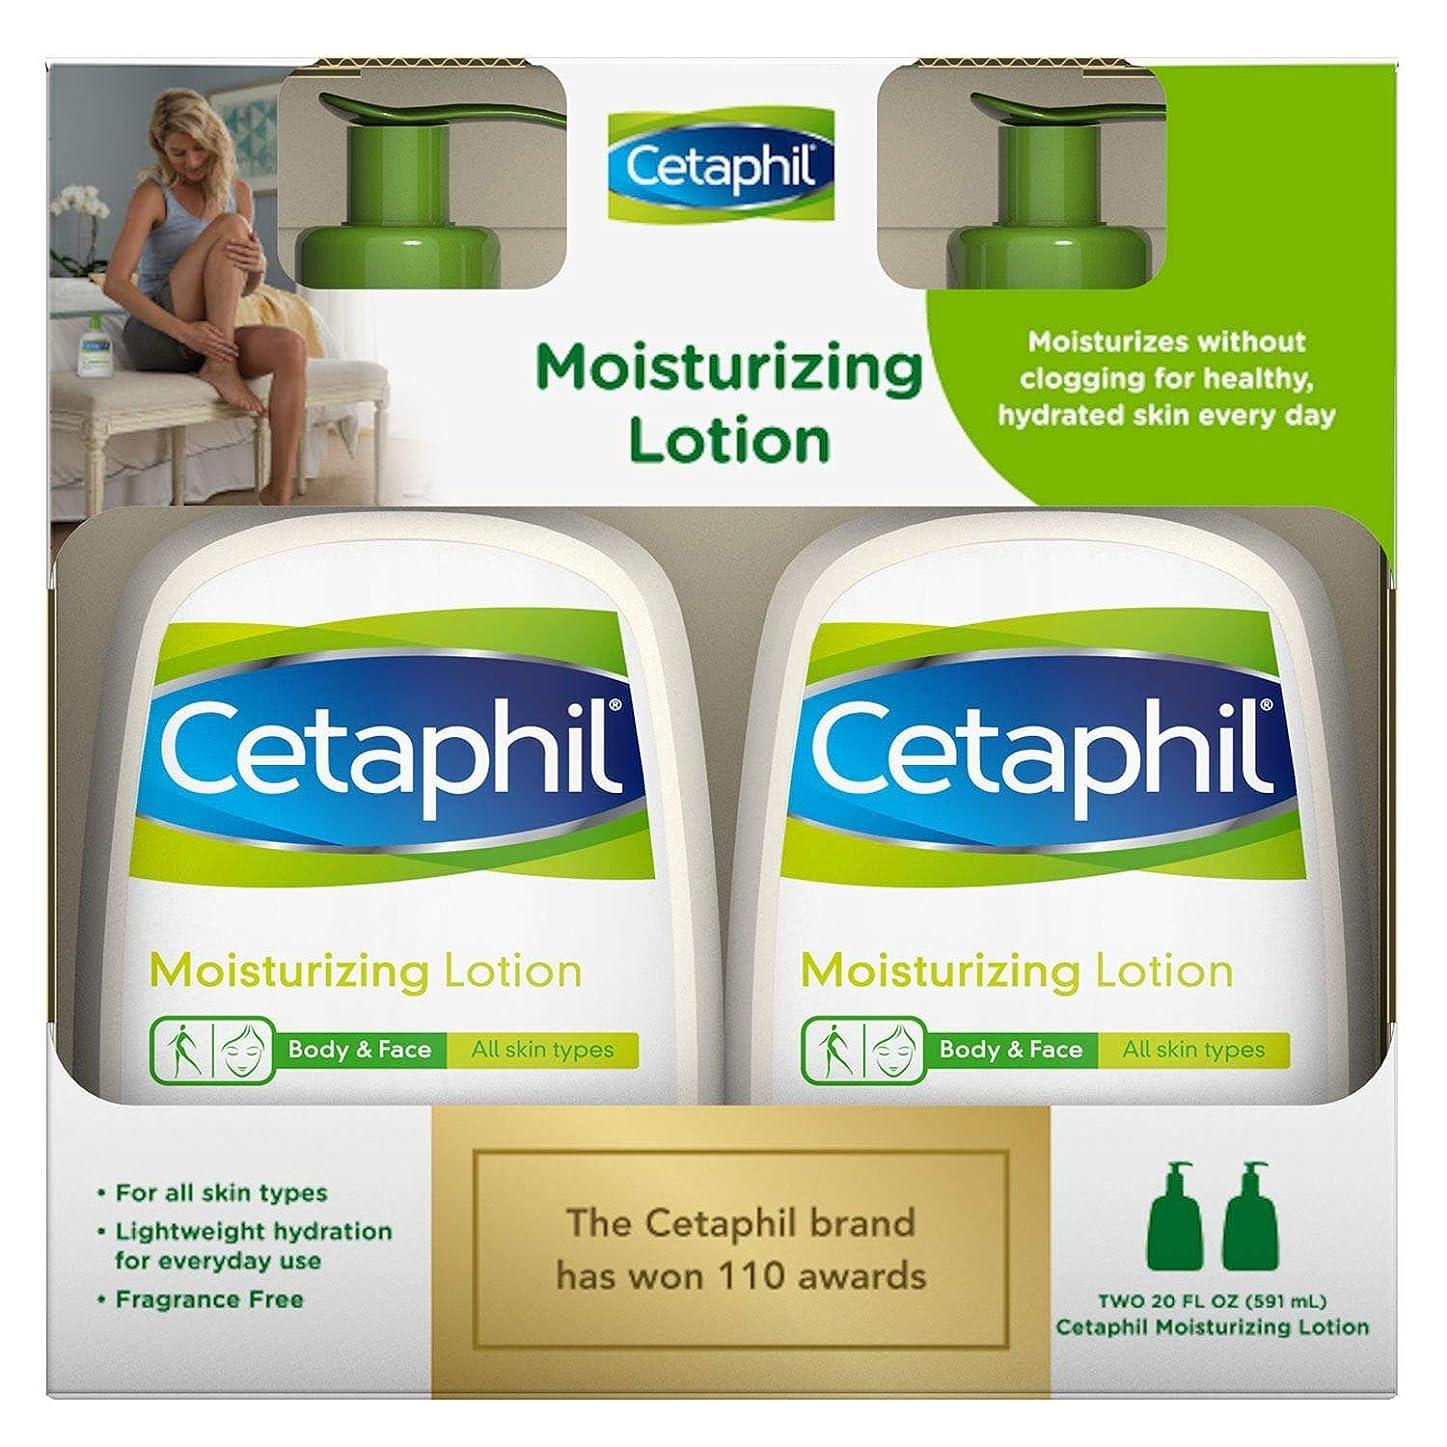 説明する仕方表向きセタフィル モイスチャライジングローション 591ml 2本セット Cetaphil Moisturizing Lotion 20oz twin pack